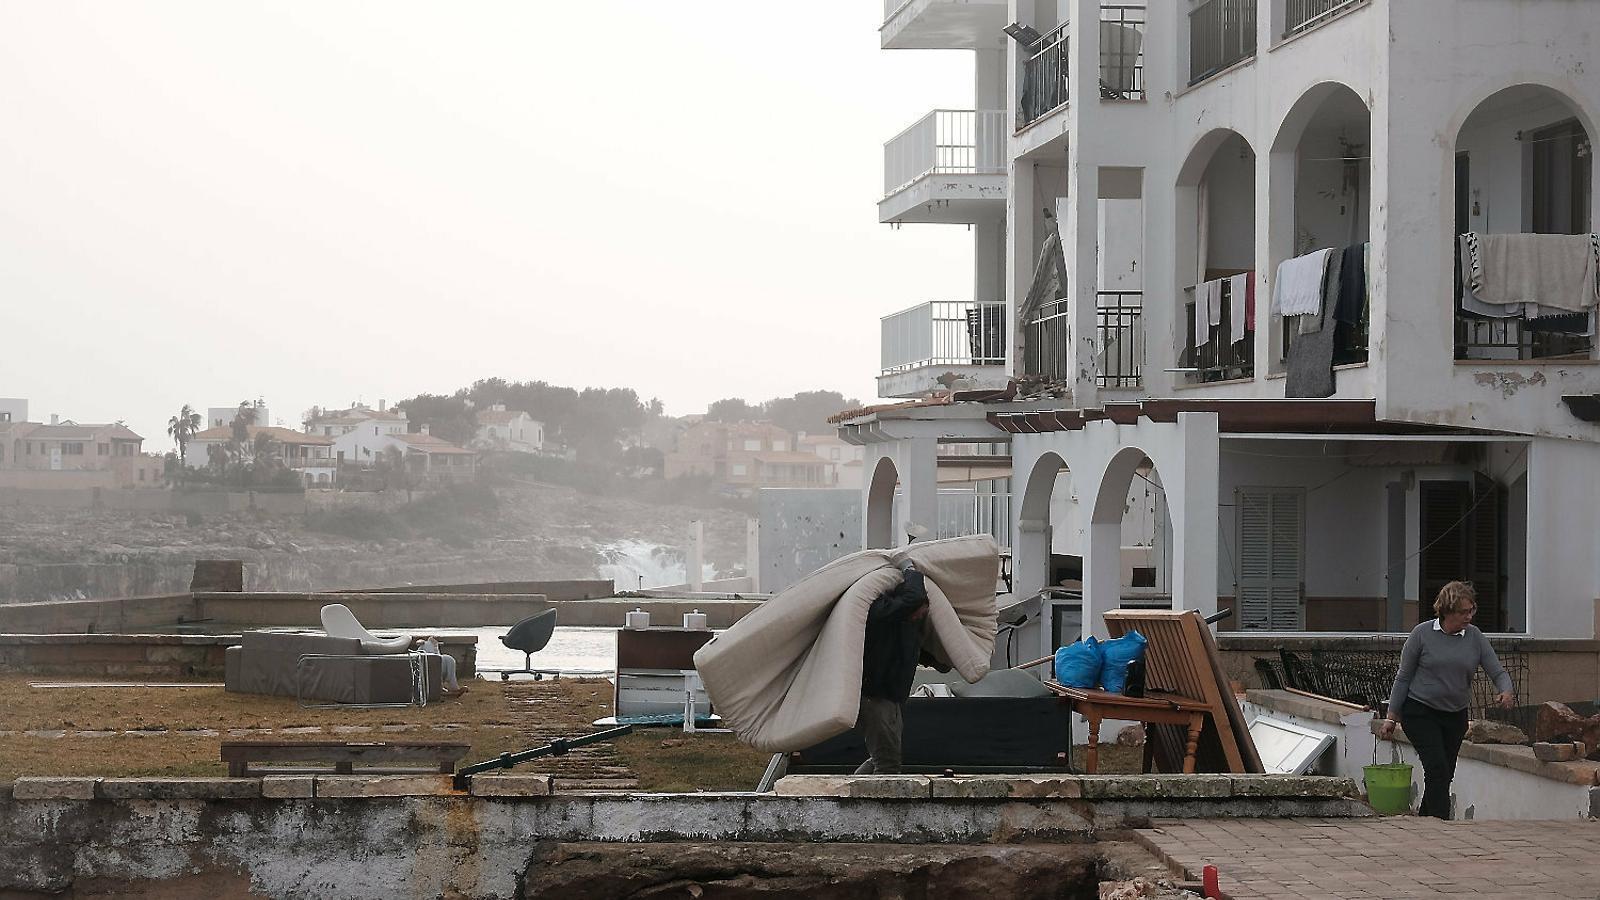 Els danys en infraestuctures causats per la borrasca Glòria a les Balears superen els 16 milions d'euros